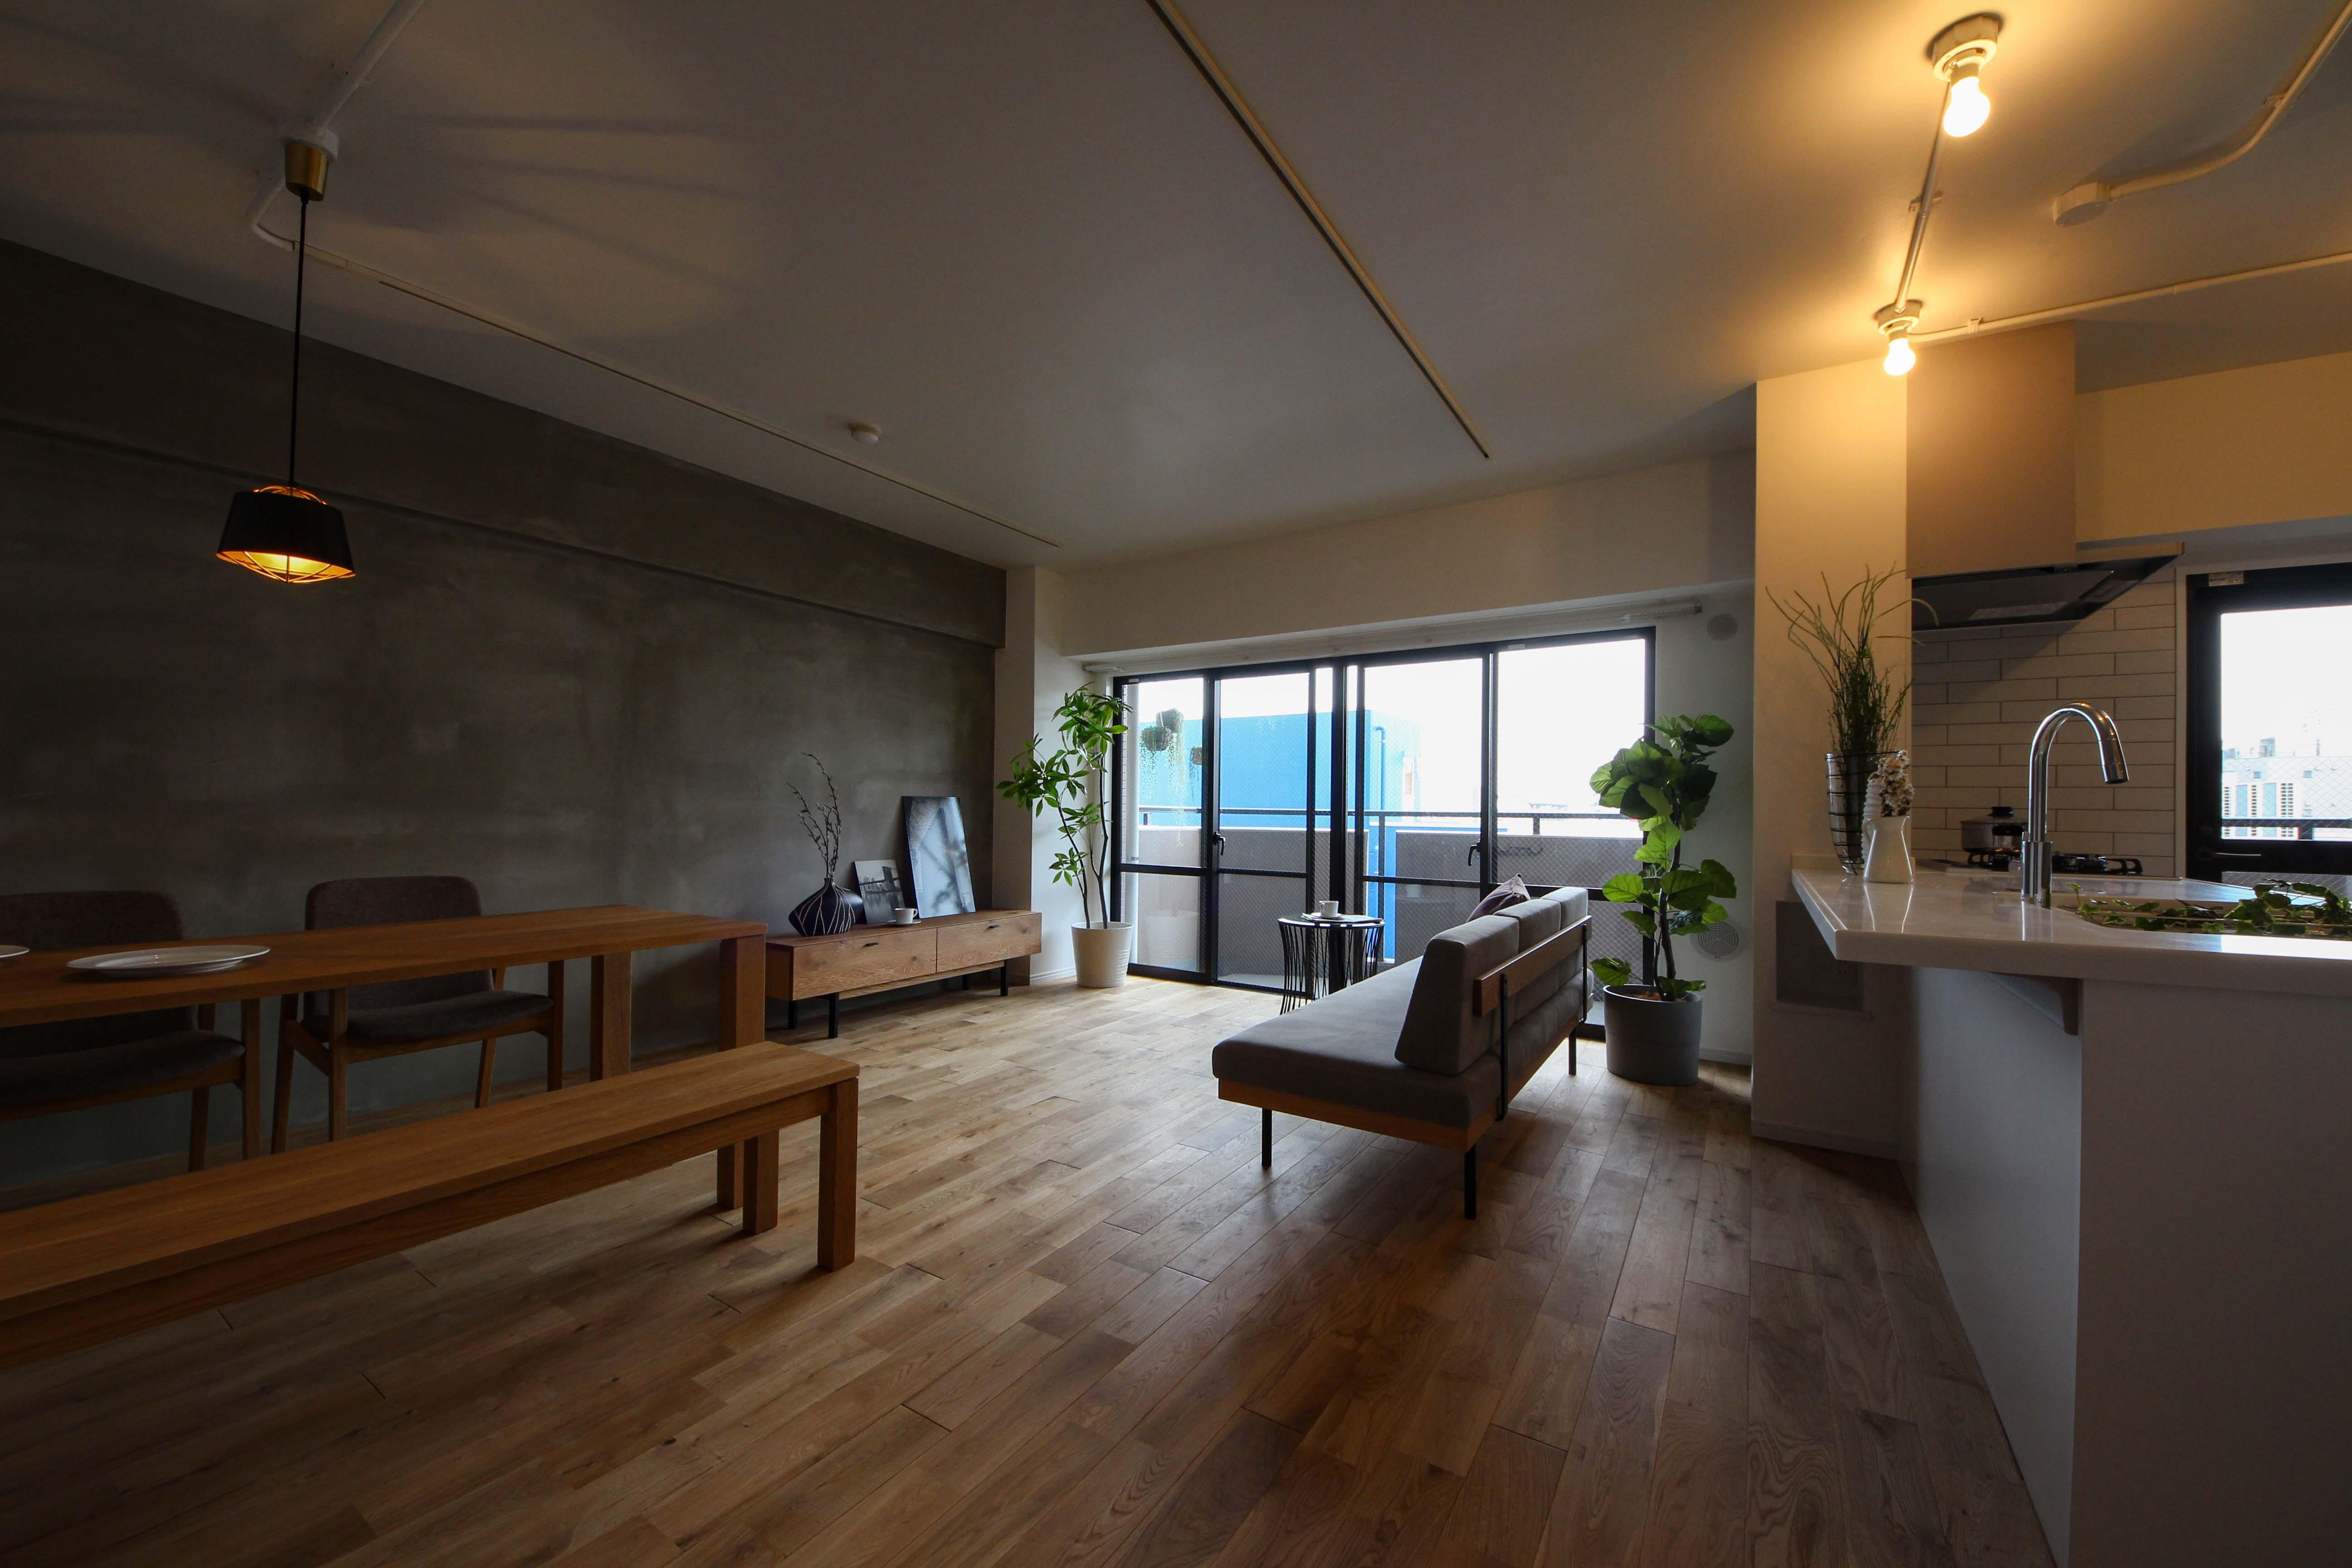 家具、照明のバランスも良く、とても落ち着いた雰囲気